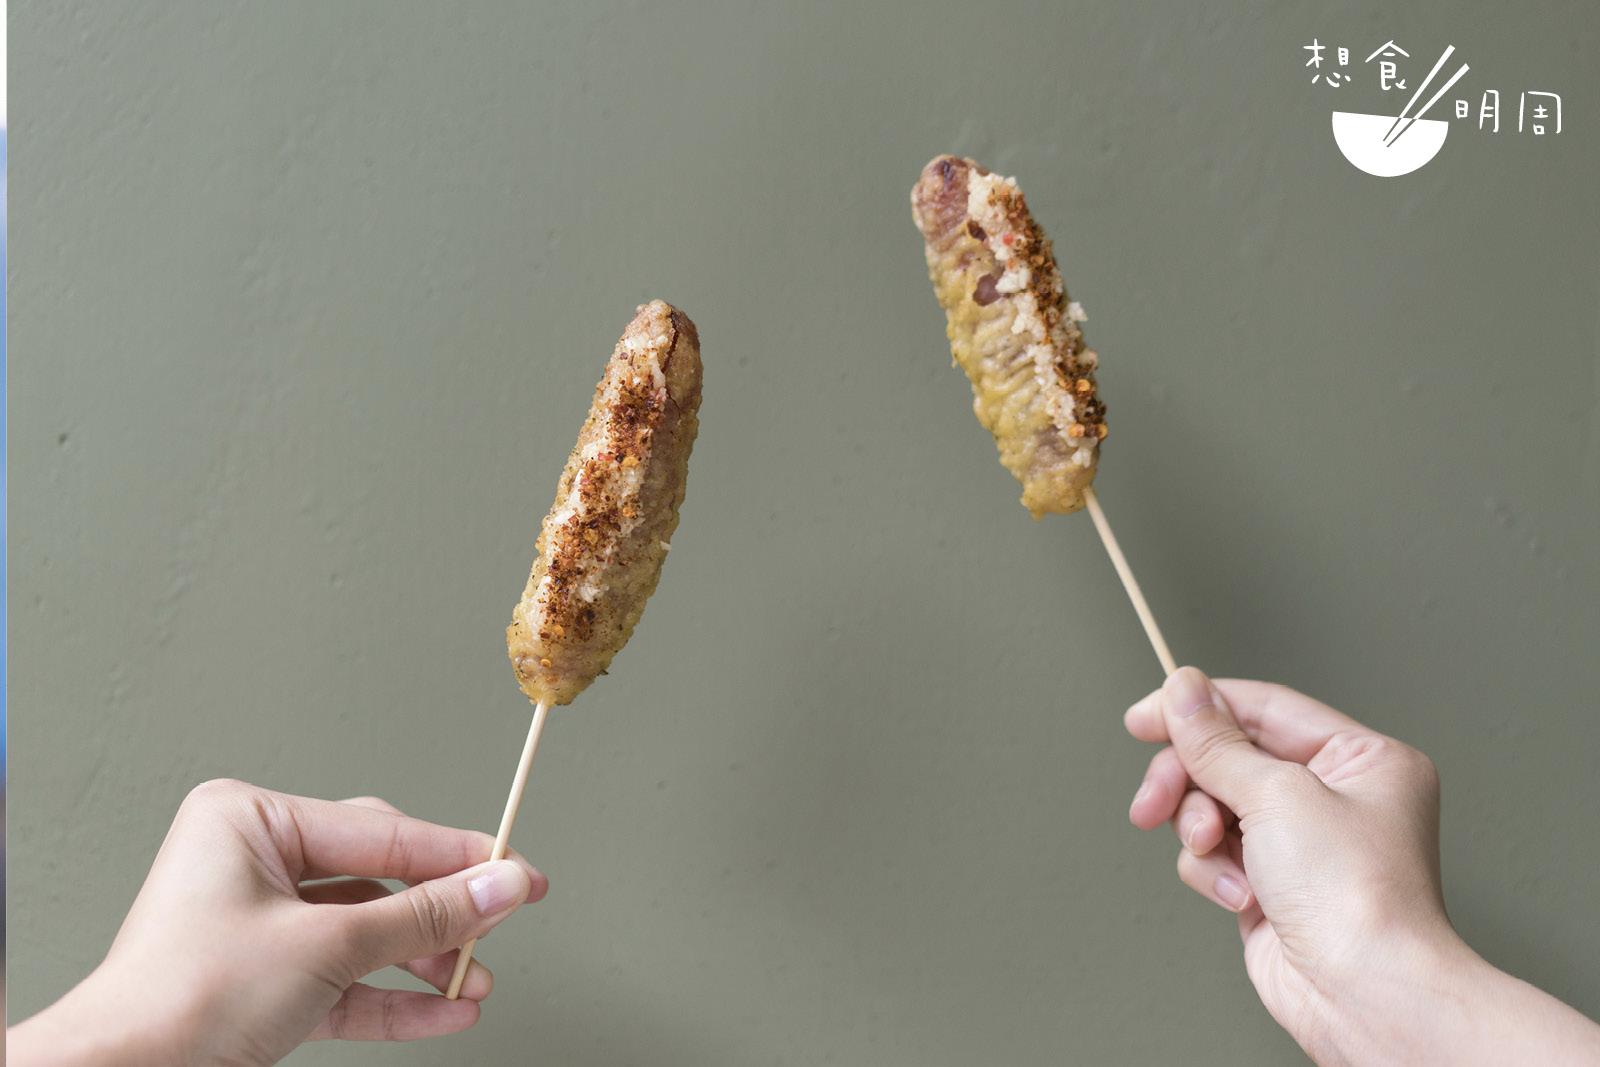 店主極力推介的反而是「脆炸台灣腸」。香腸外層蘸滿天婦羅炸漿,面層舖滿蒜茸和自家製麻辣粉,微辣帶麻勁,正!